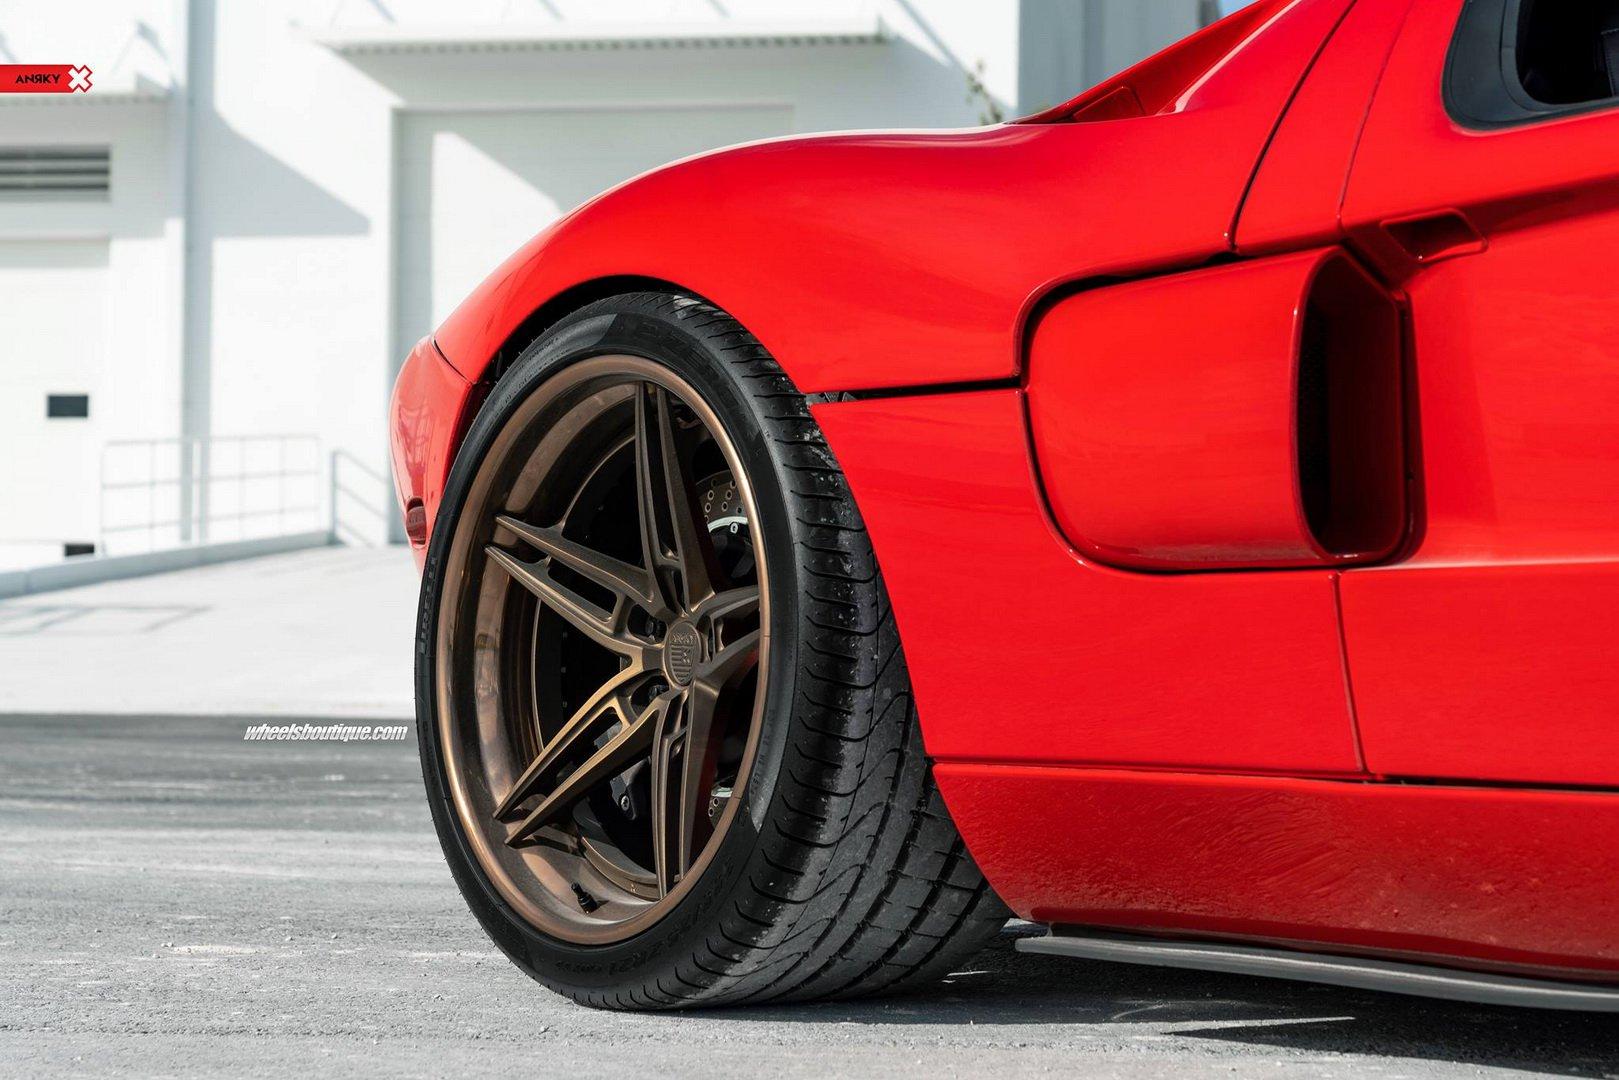 Ford GT byHeffner Performance (14)